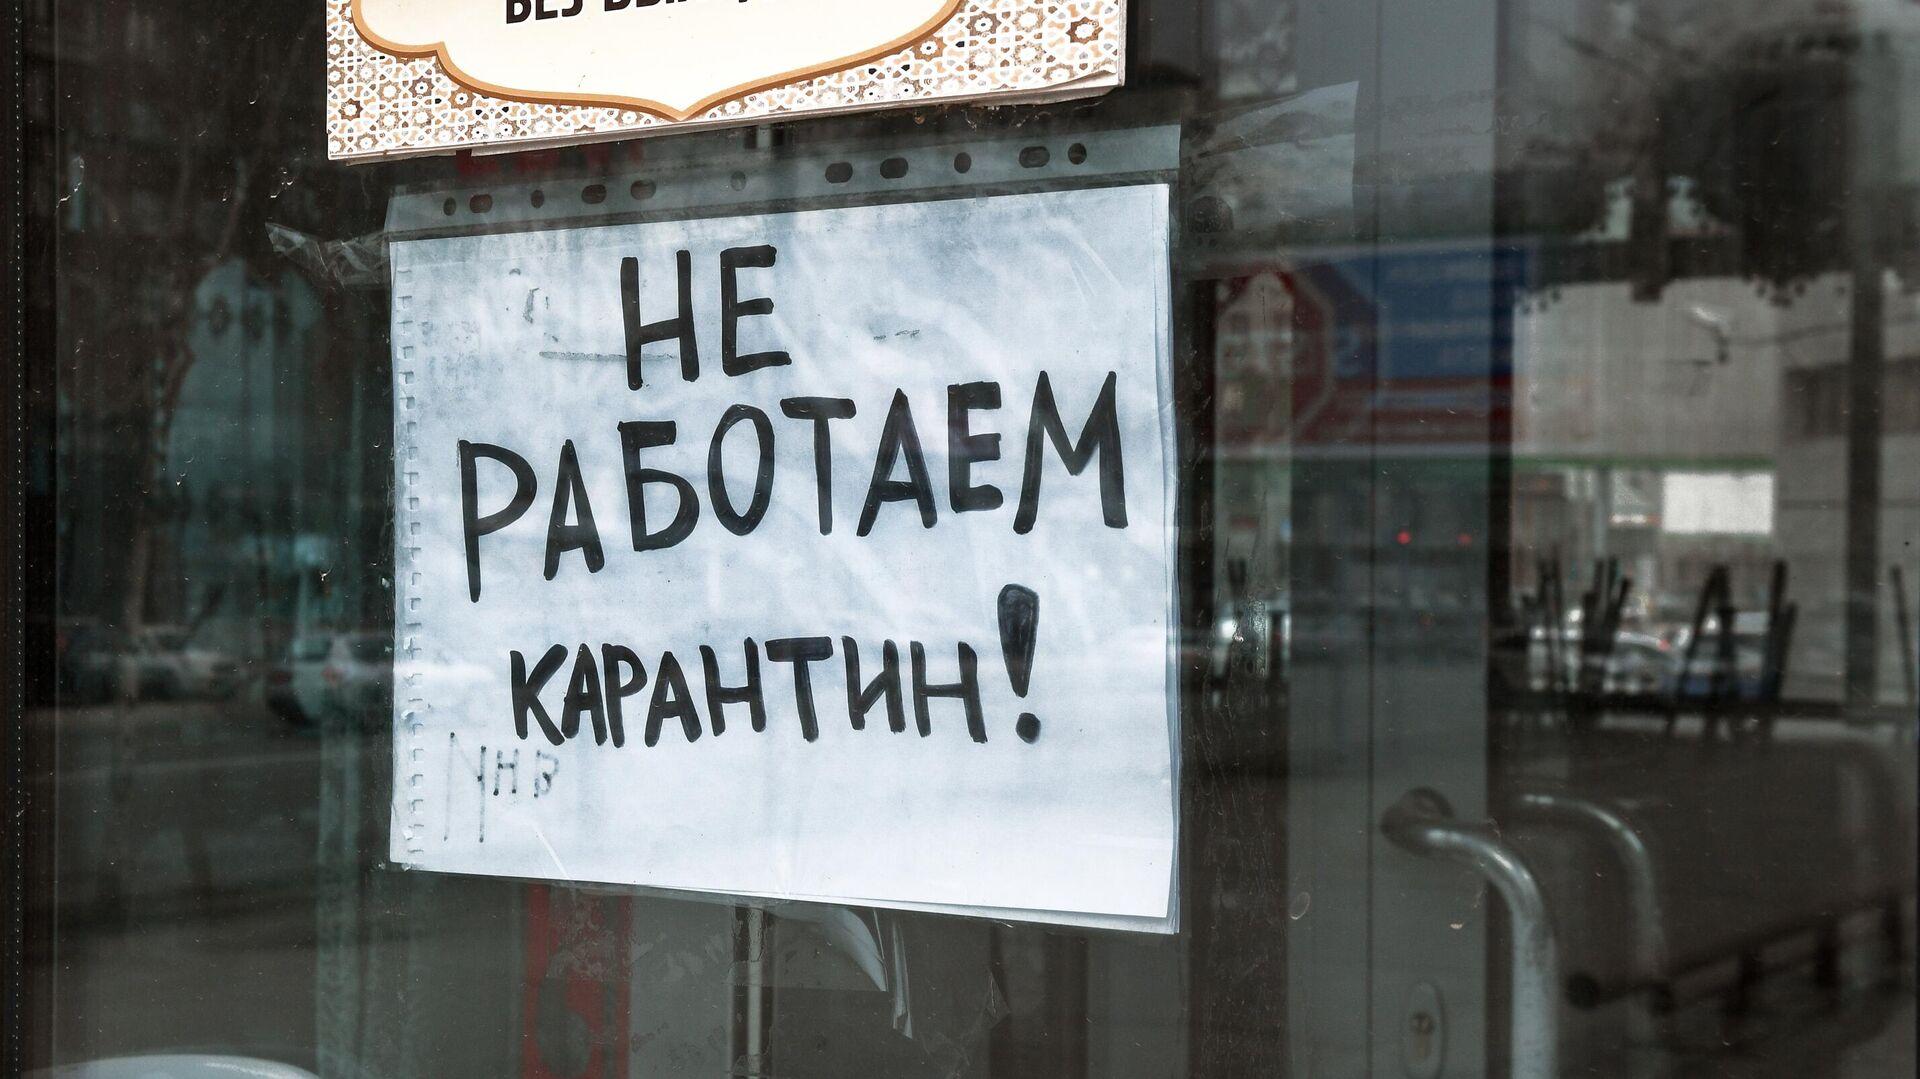 Объявление на дверях кафе - РИА Новости, 1920, 05.12.2020